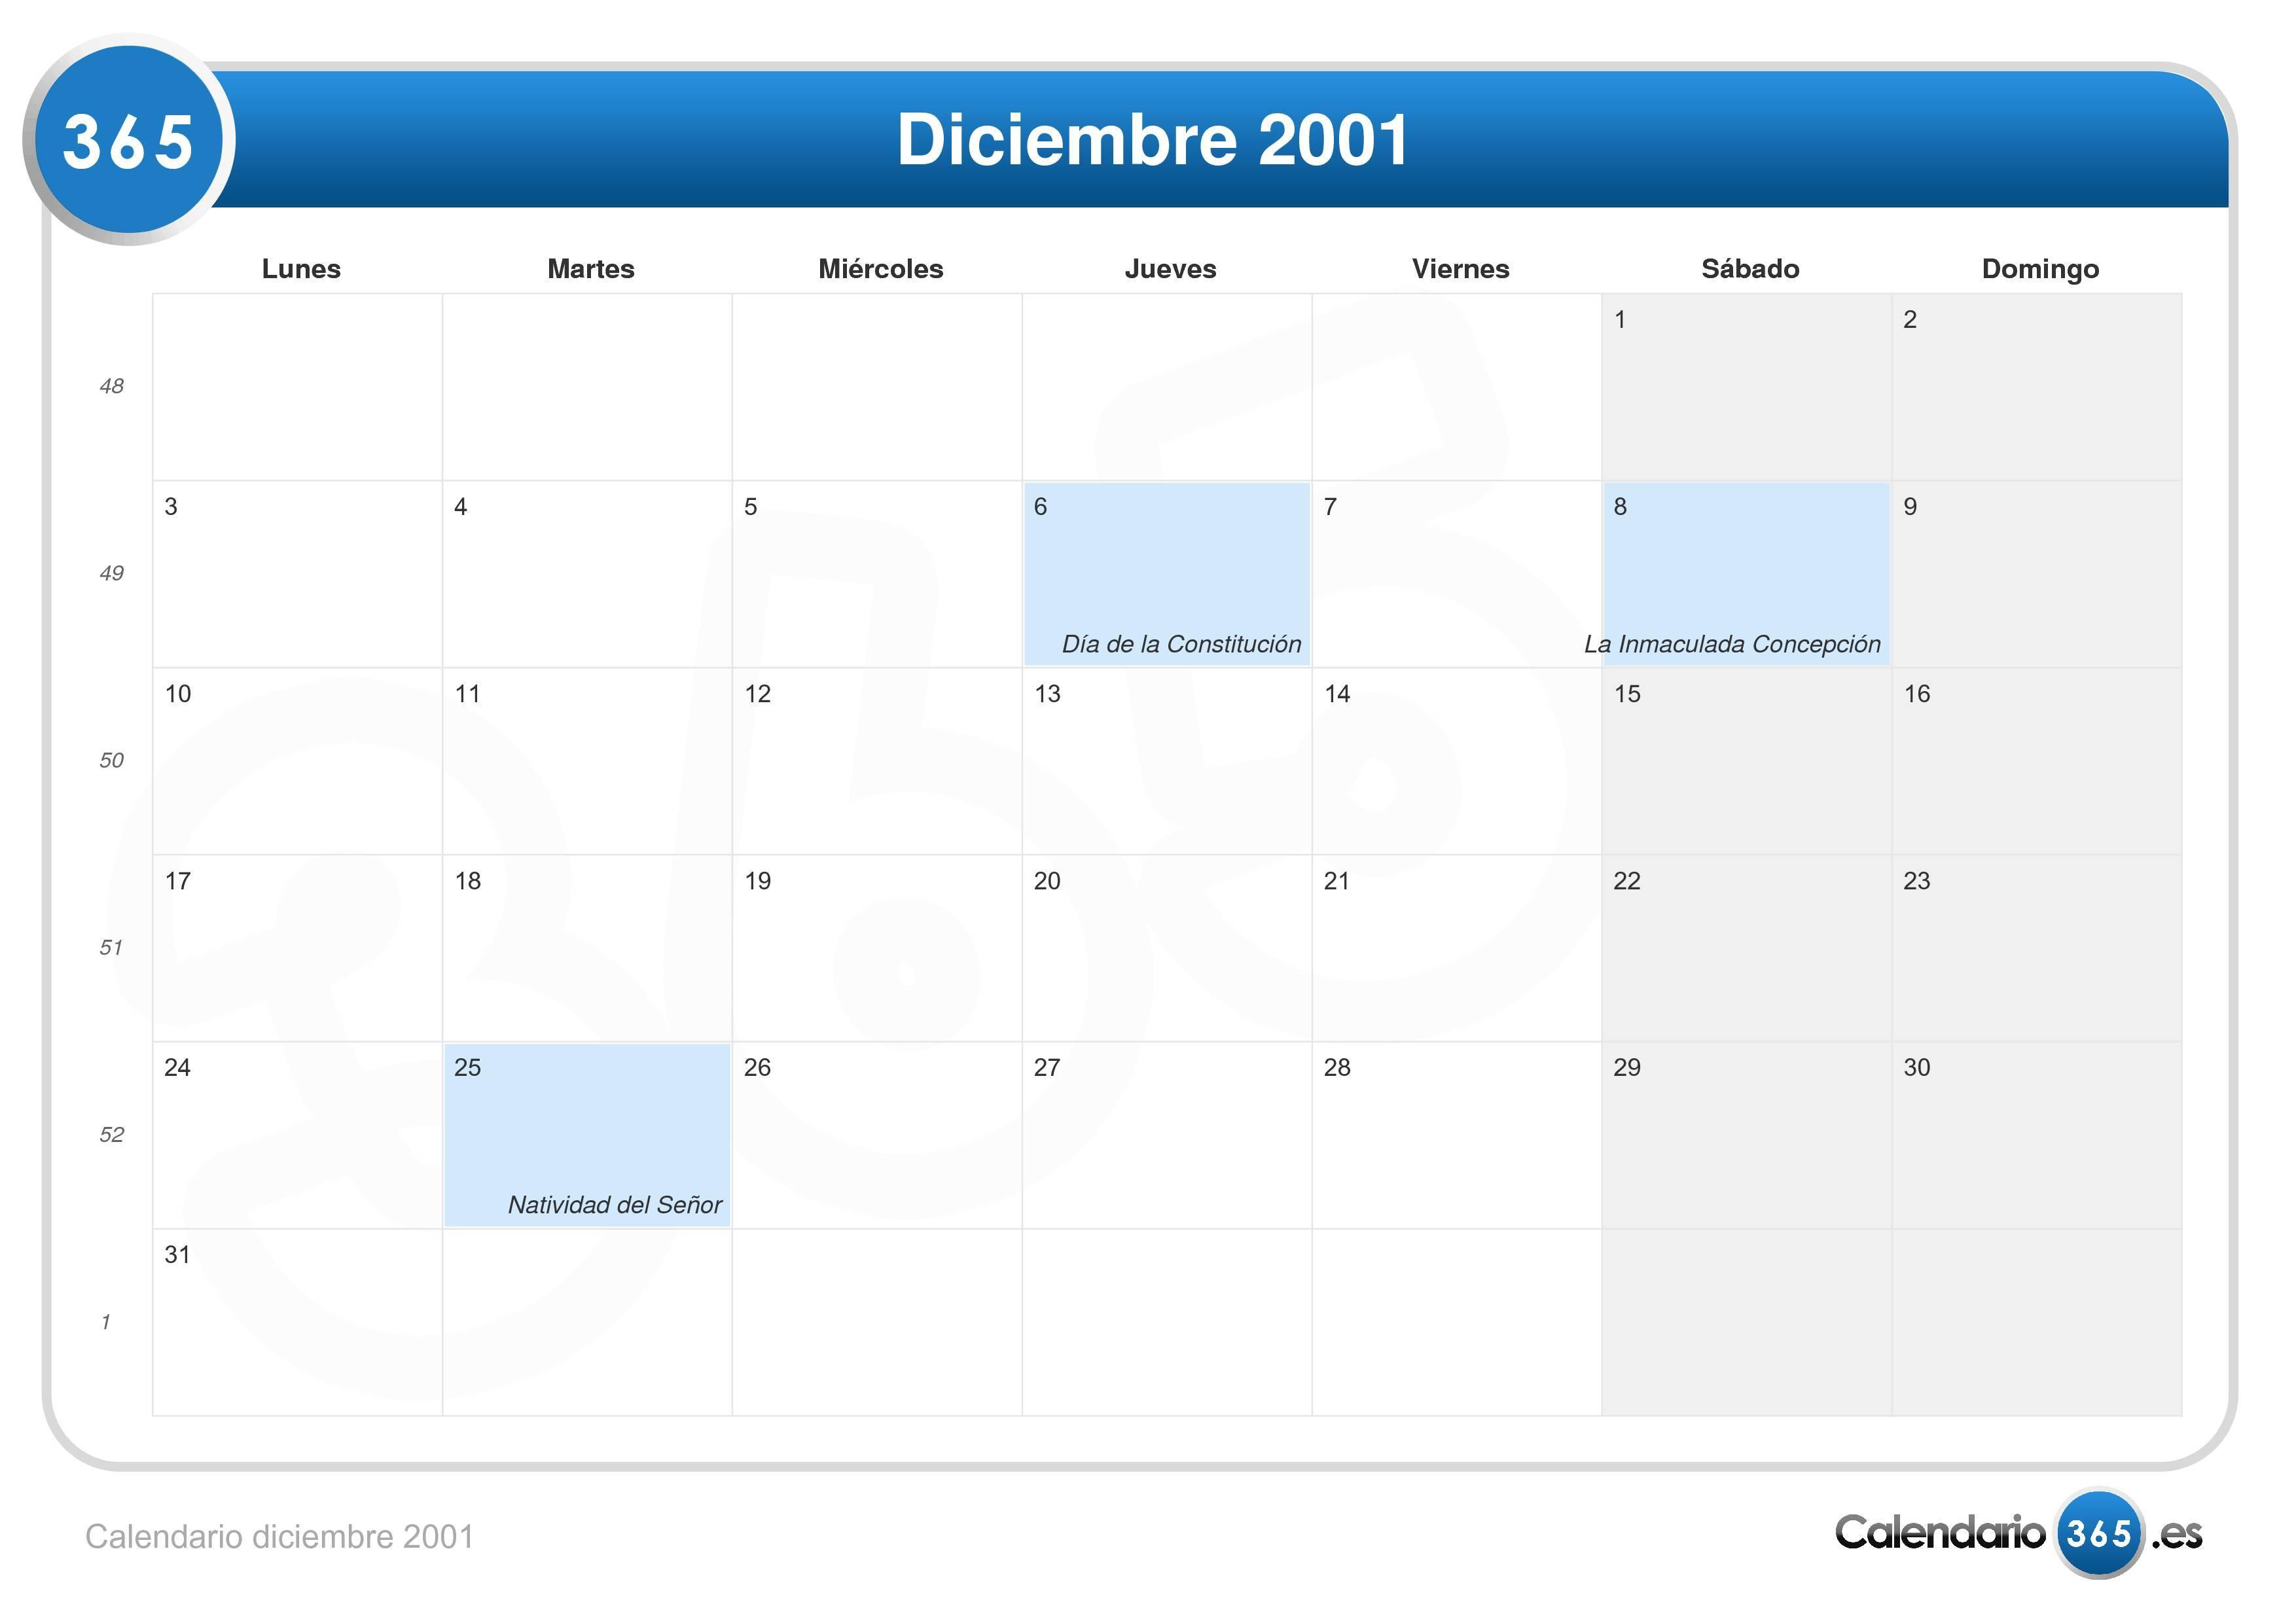 Calendario 2001.Calendario Diciembre 2001